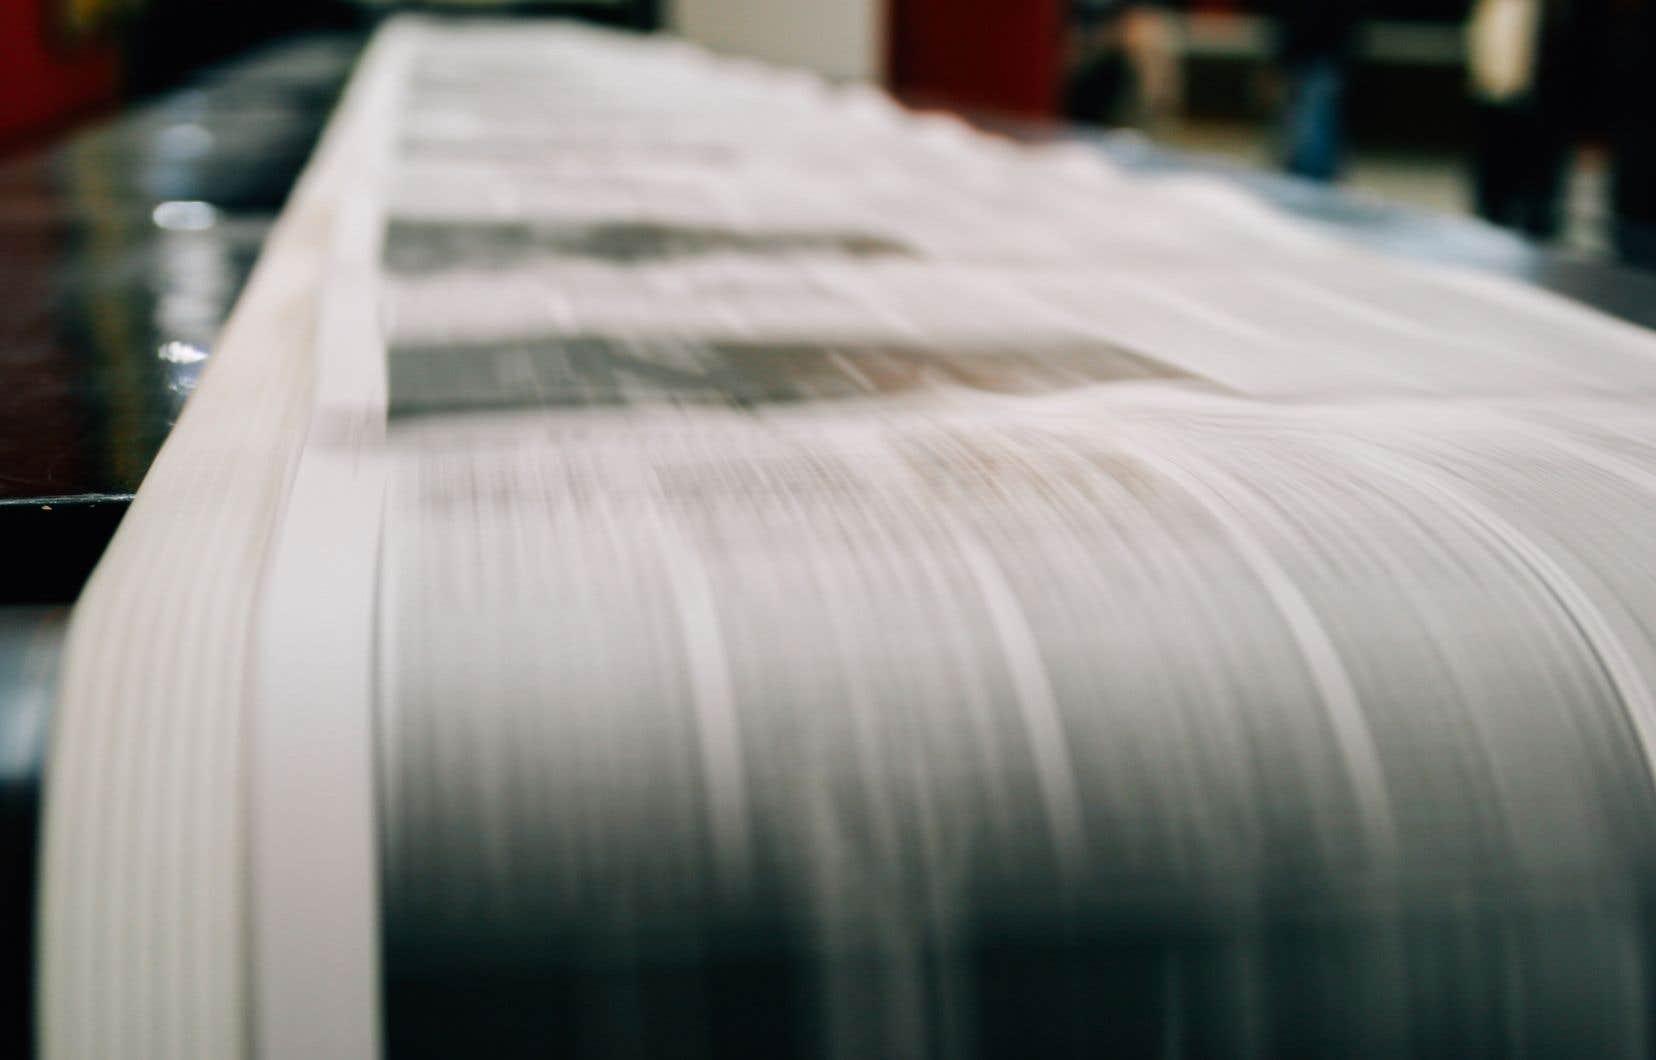 Selon le département du Commerce, les Canadiens ont exporté aux États-Unis pour environ 1,6milliard de dollars de papier journal en 2016.